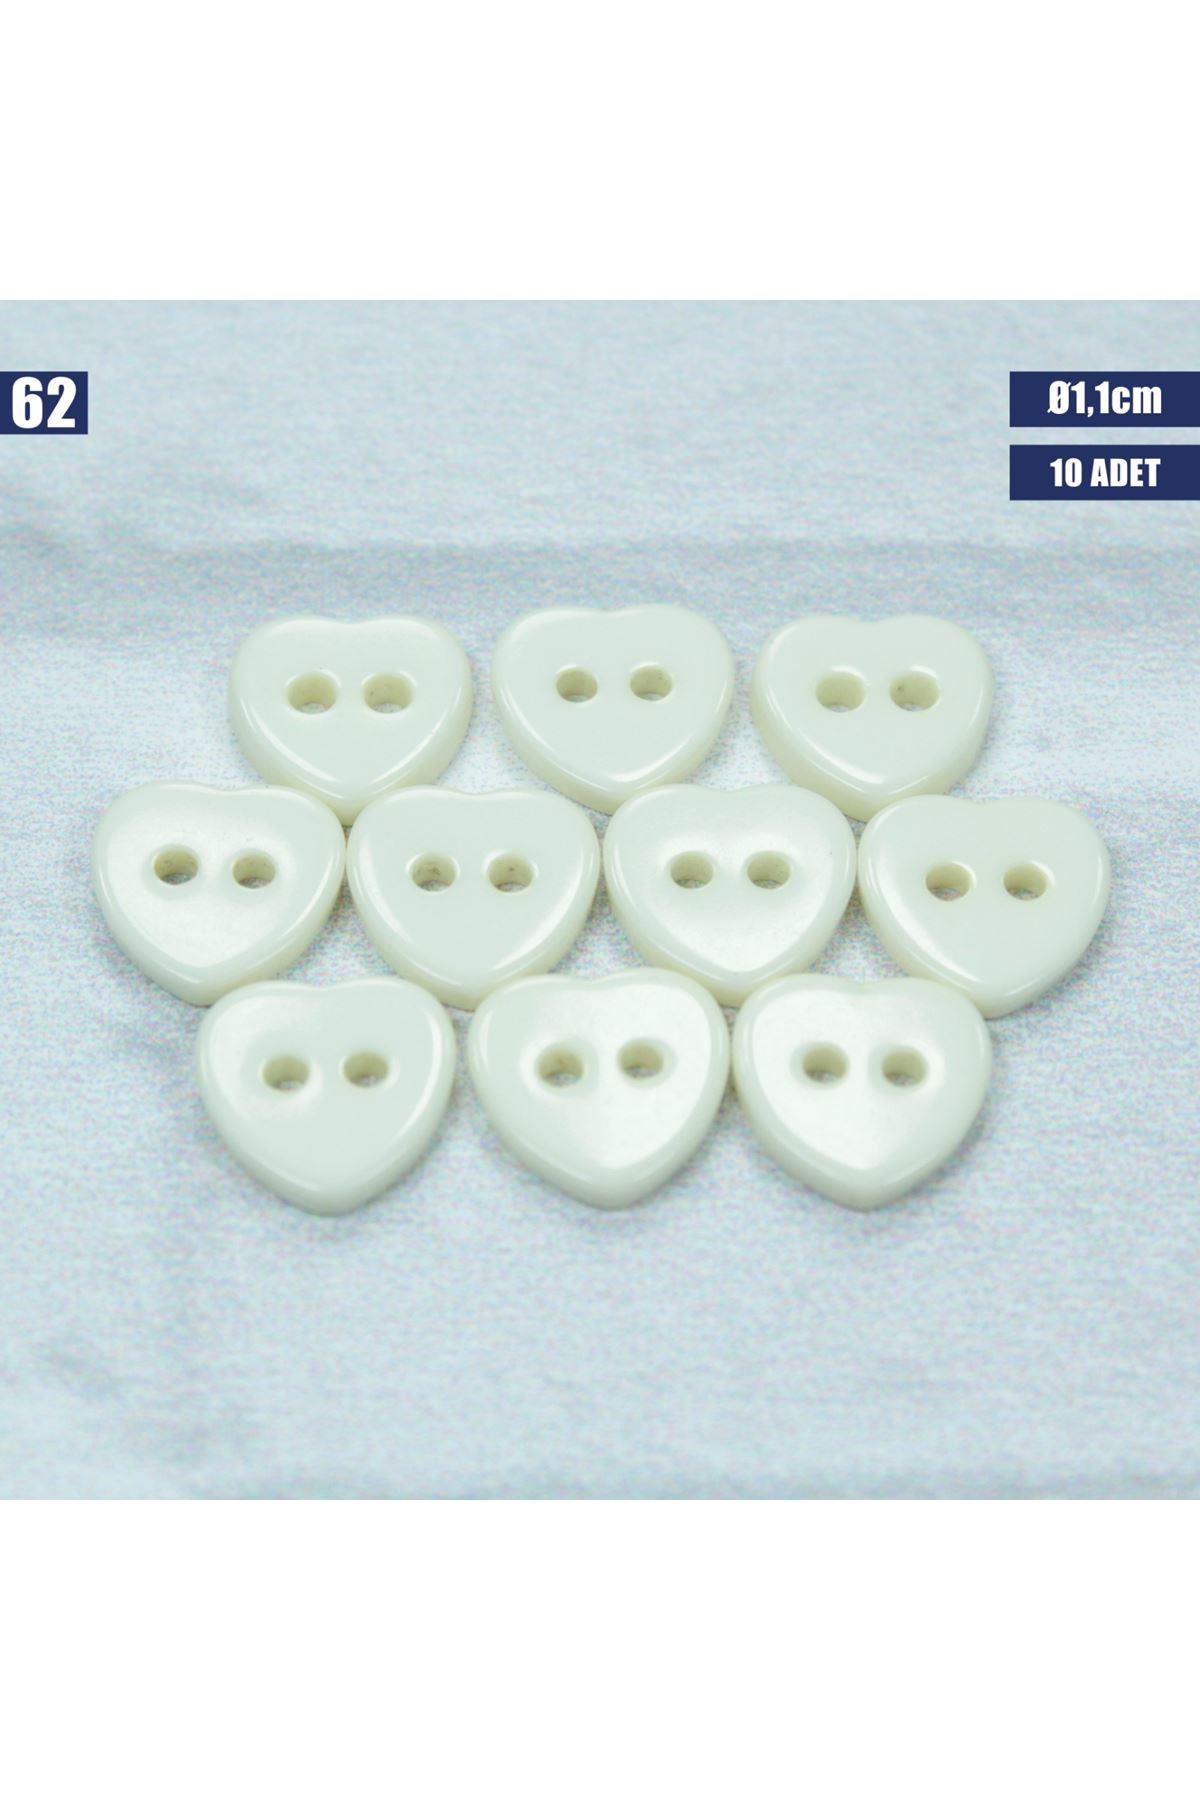 Amigurumi Düğmesi Ø 1,1cm - 62